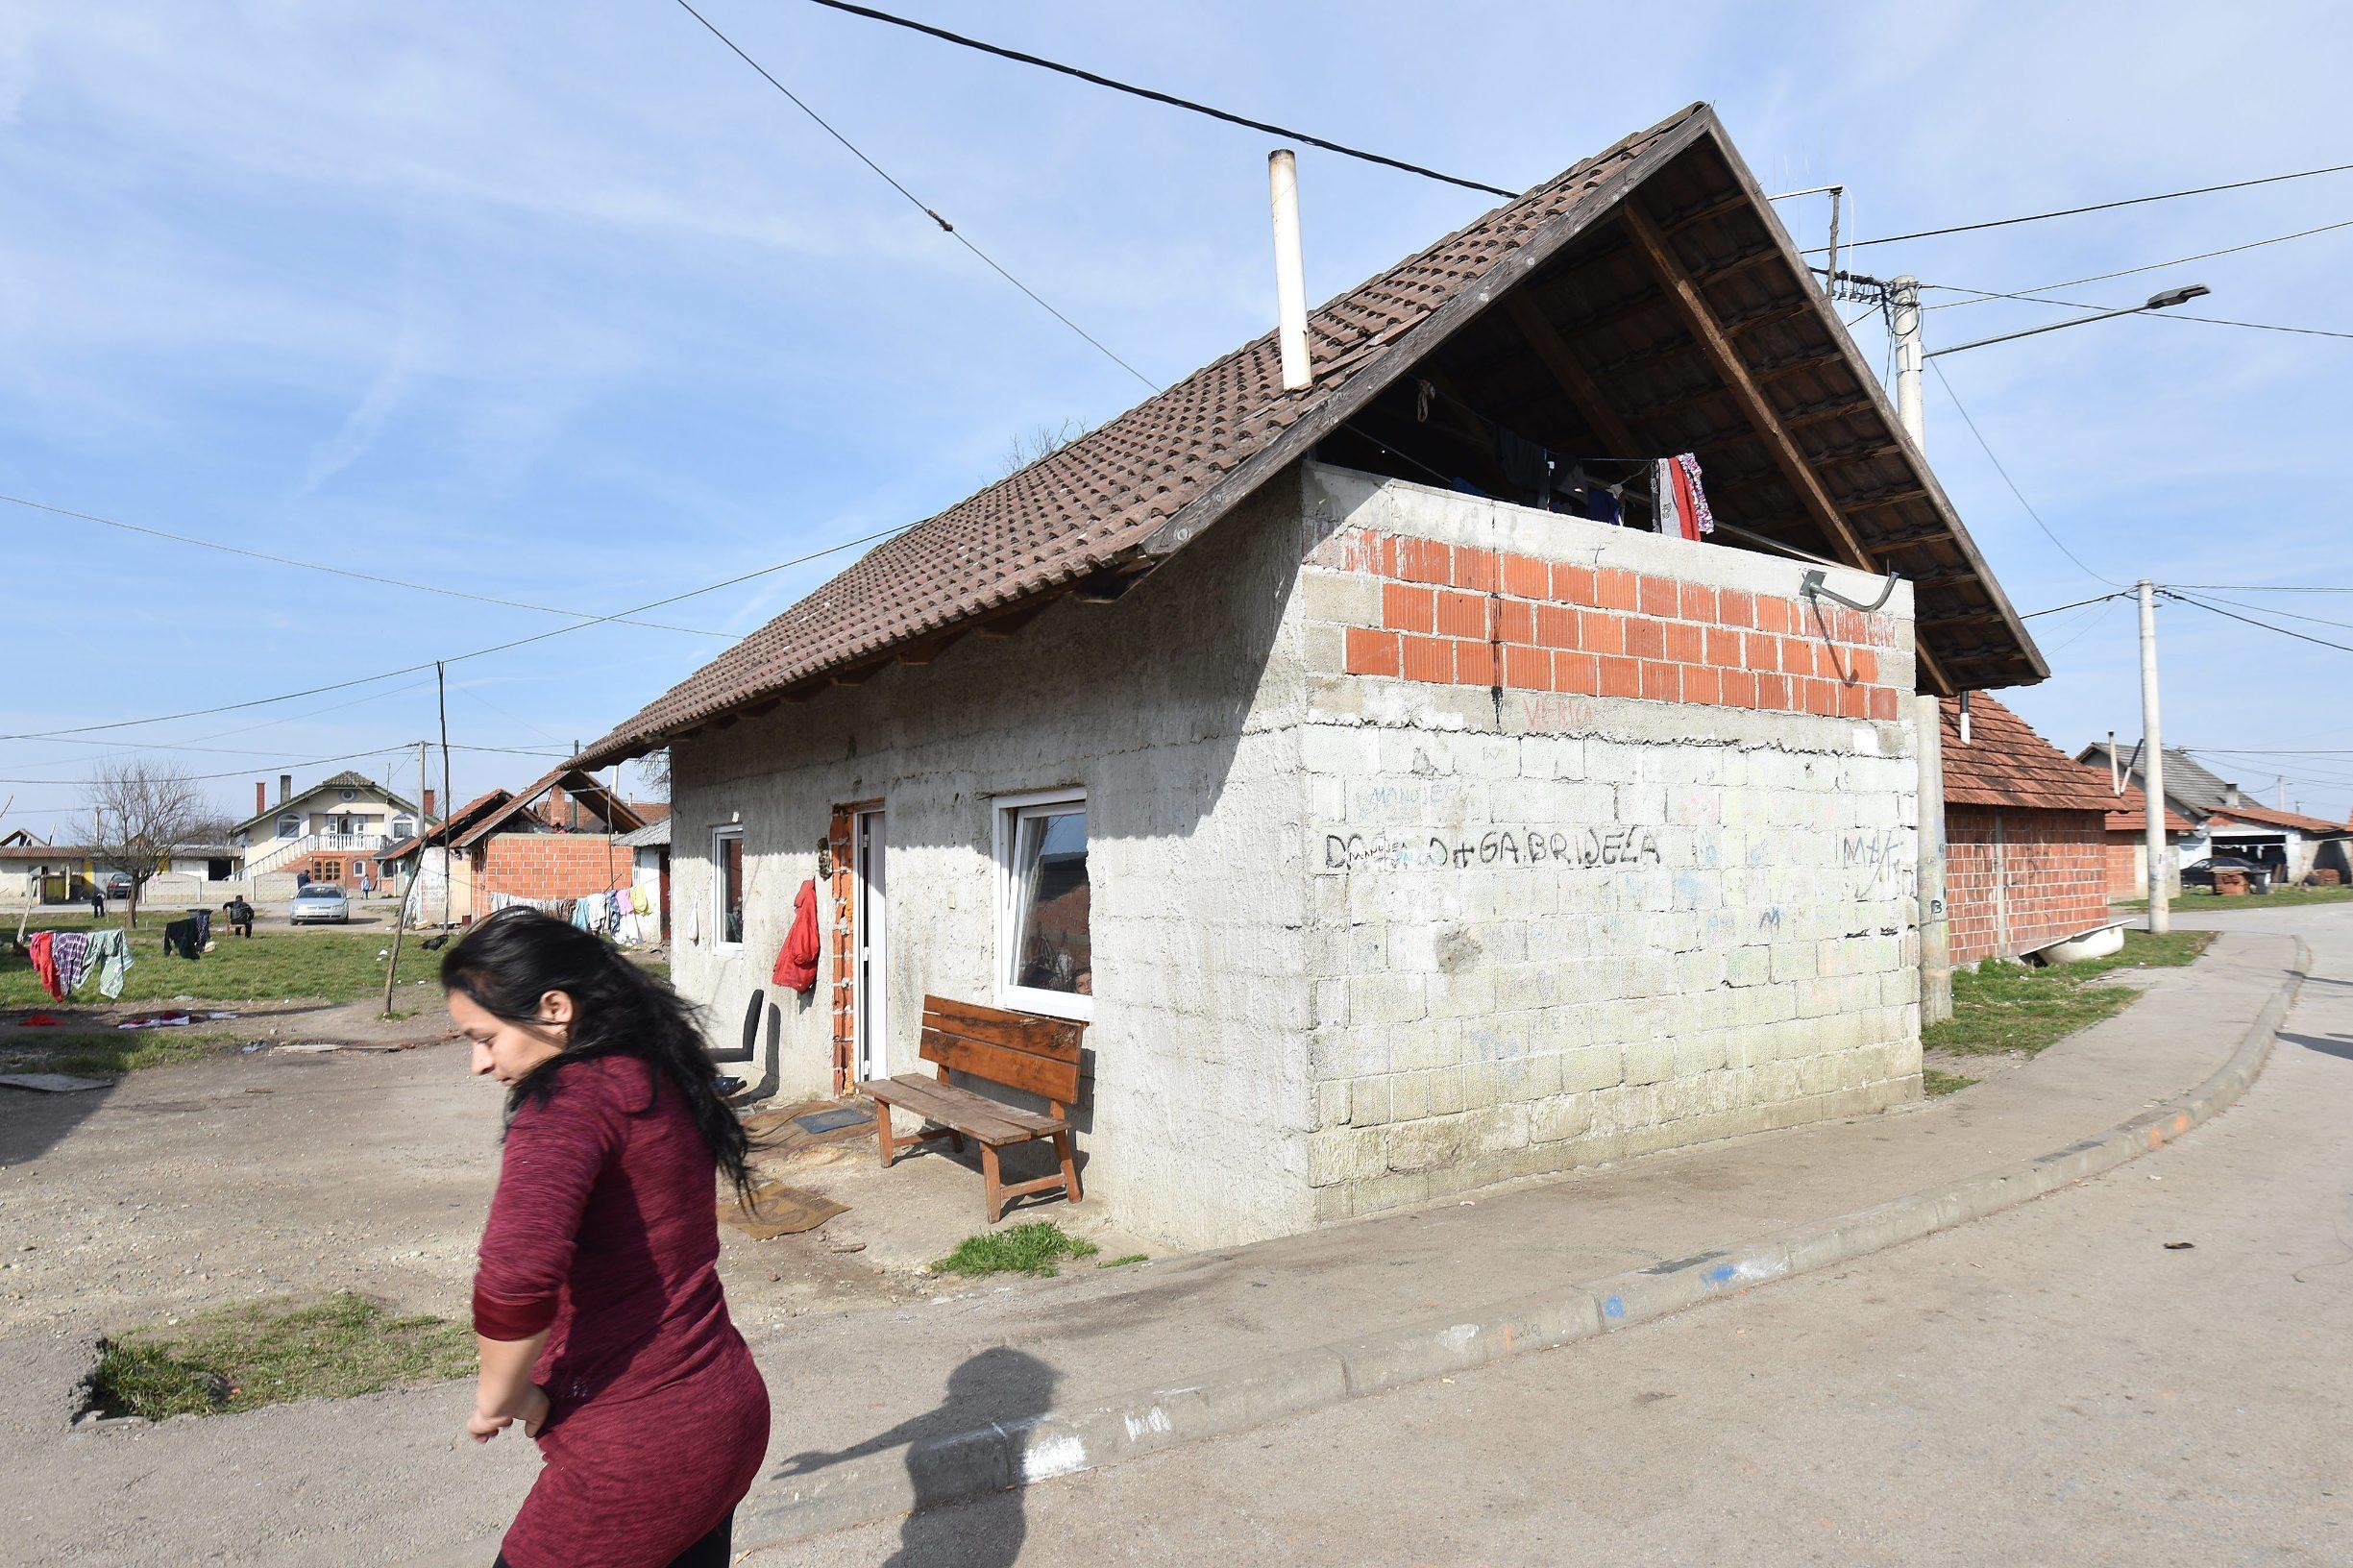 Obiteljska kuća u kojoj je ubijena 37-godišnja žena